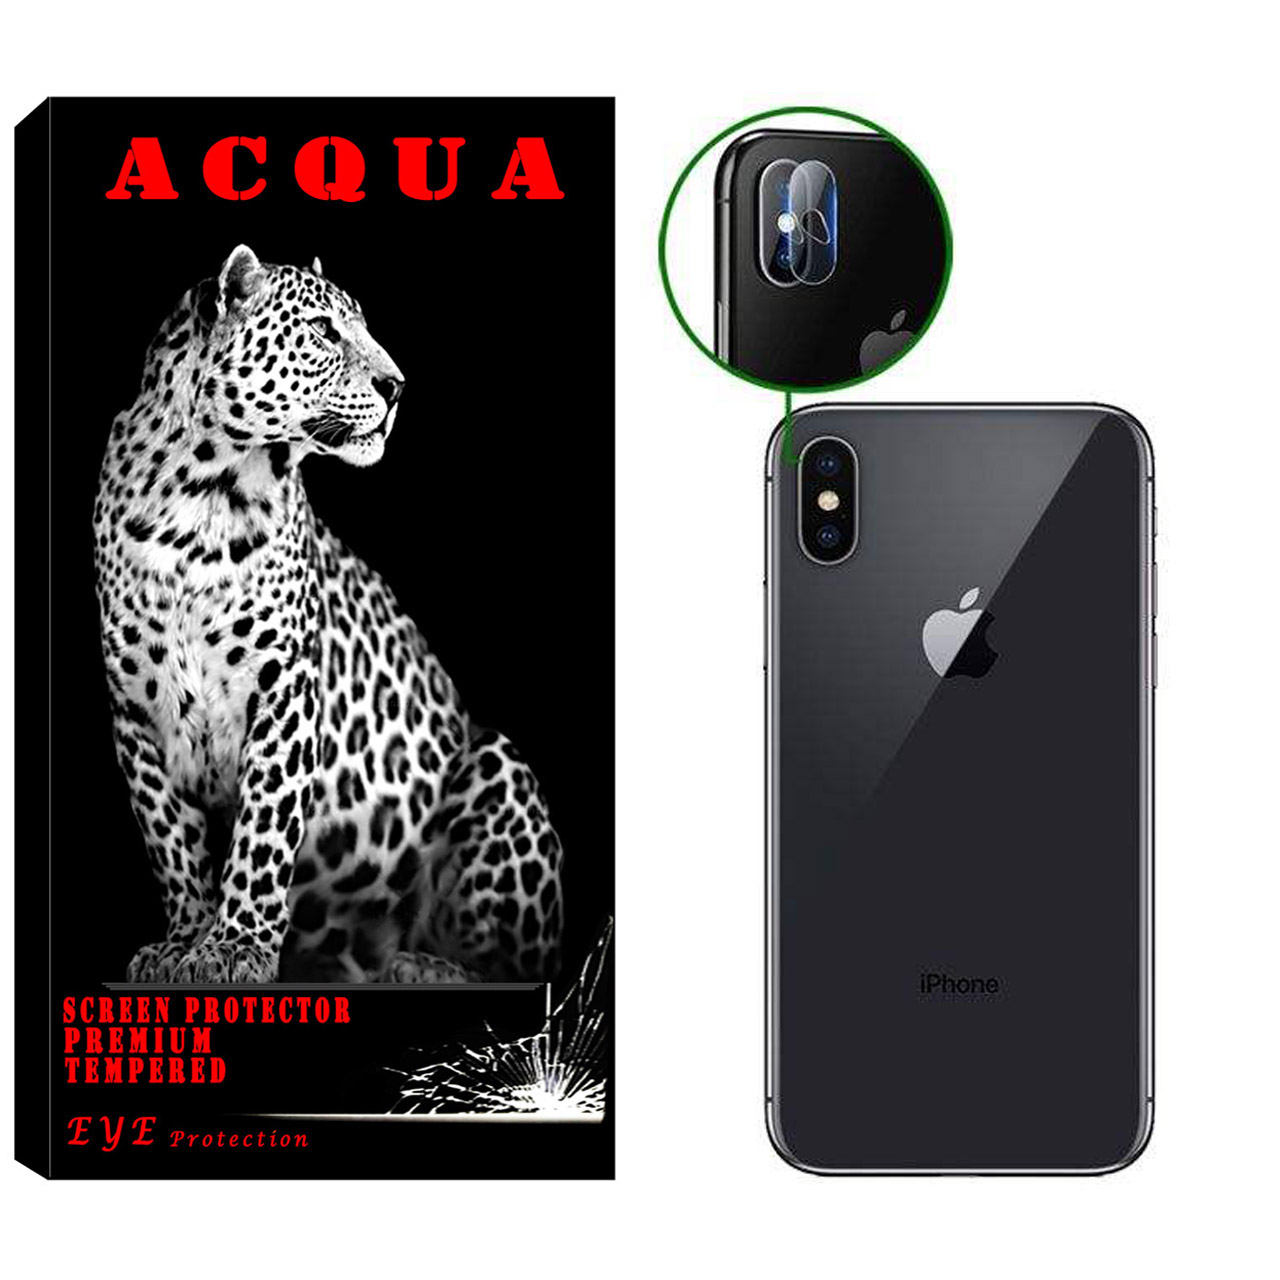 محافظ لنز دوربین آکوا مدل LN مناسب برای گوشی موبایل اپل IPhone XS MAX